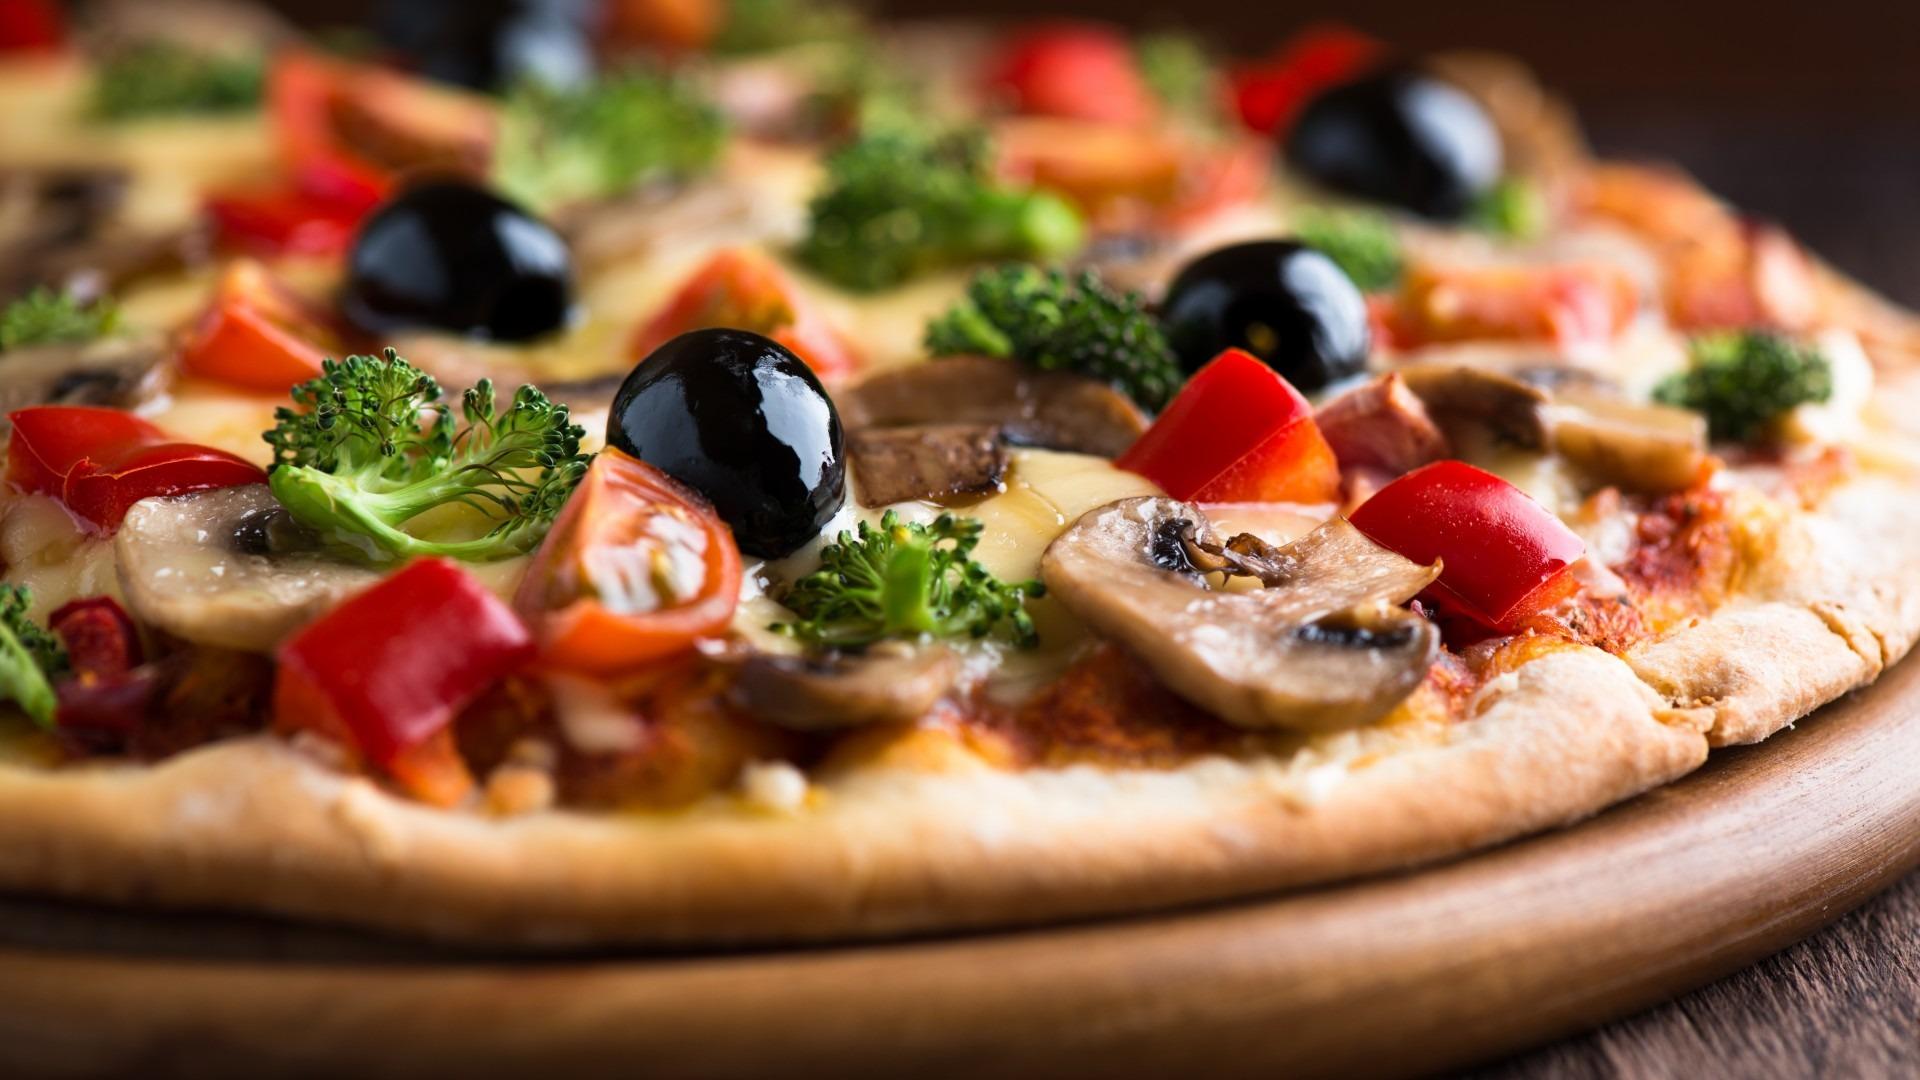 Pizza gourmet con aceitunas negras